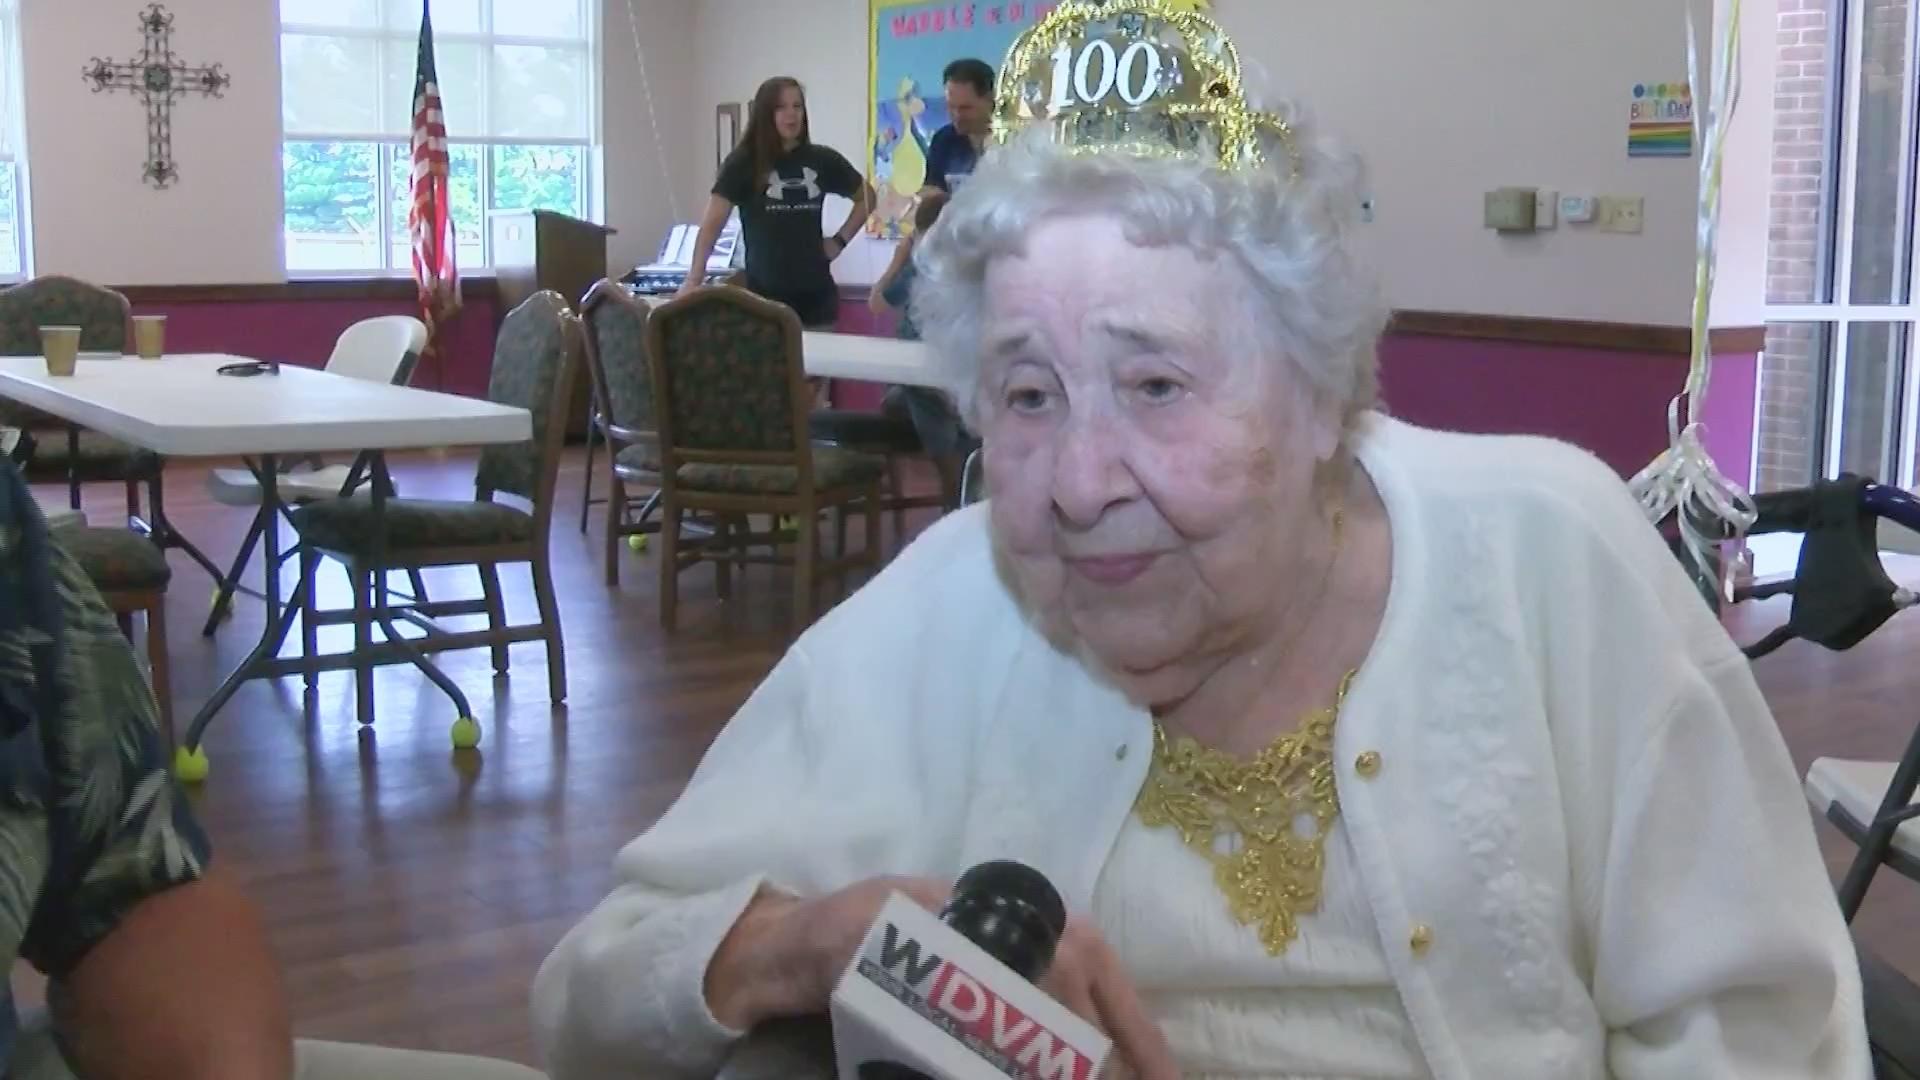 NOVA RINK 100TH BIRTHDAY